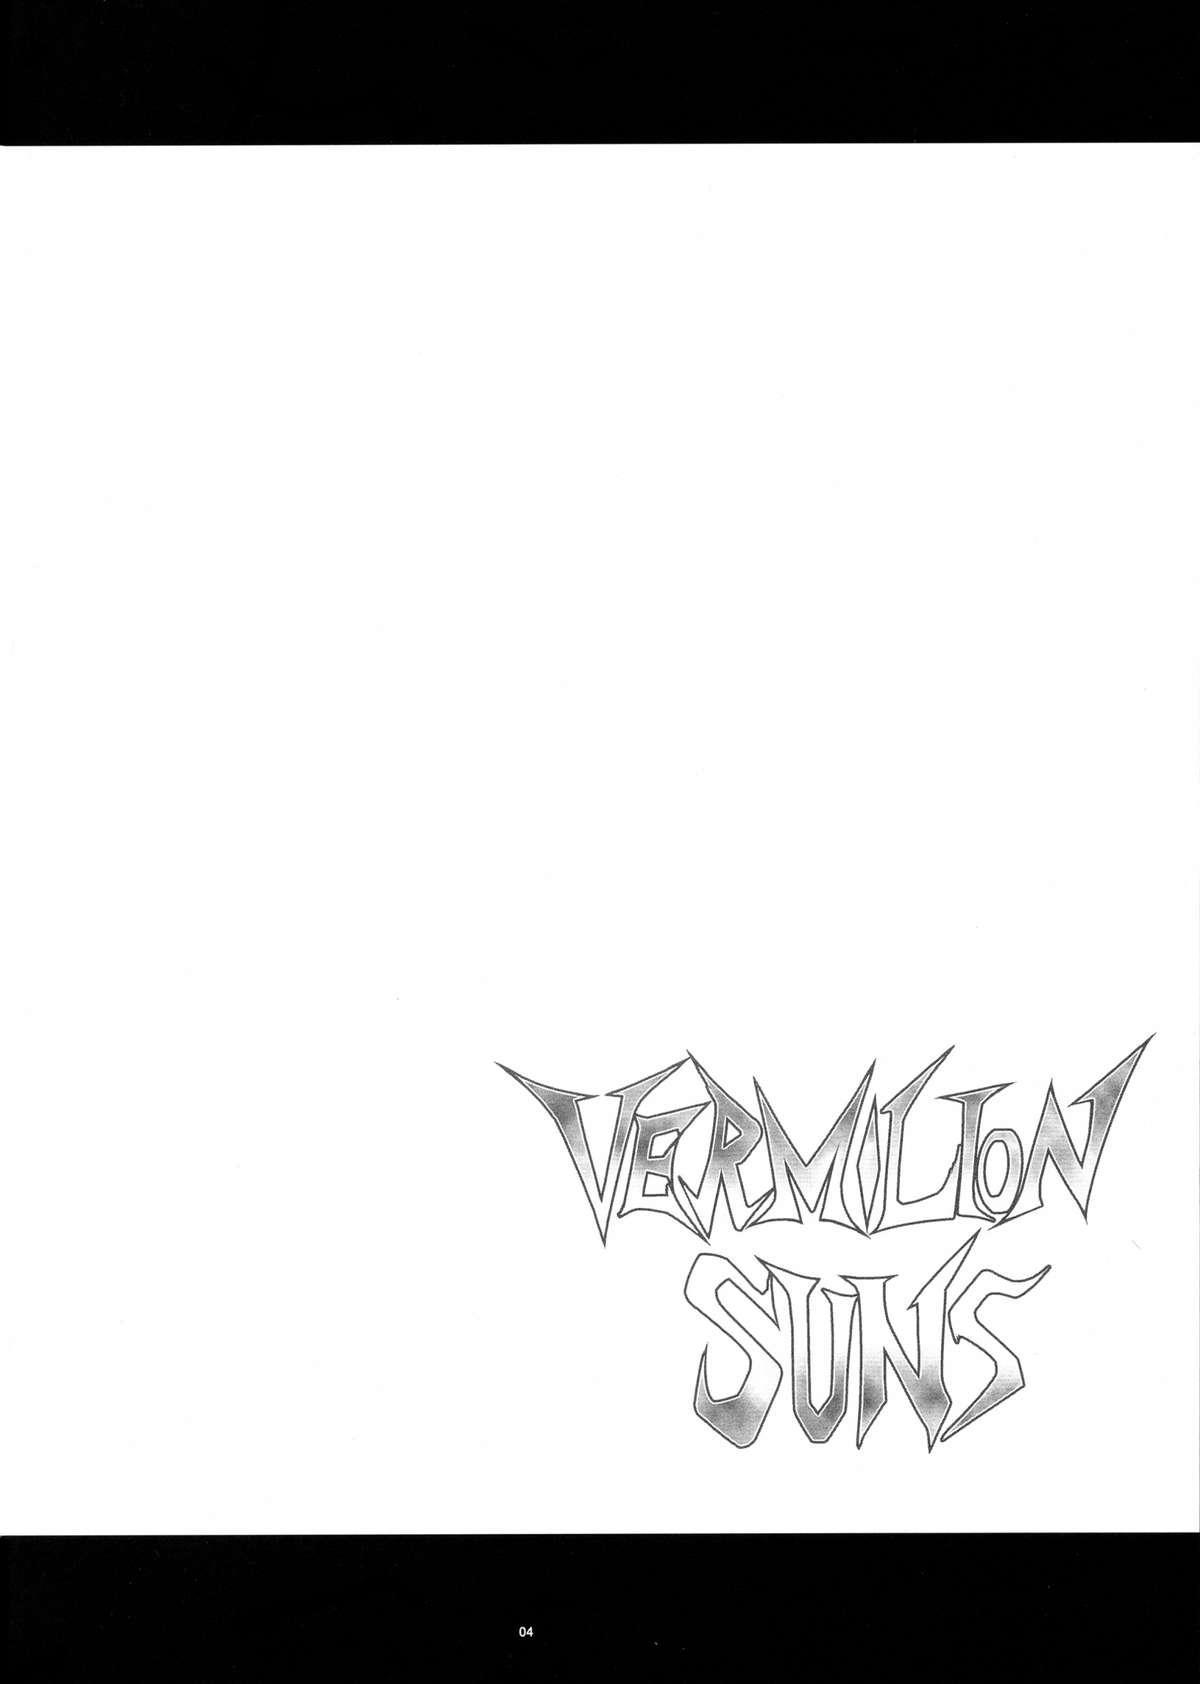 VERMILION SUNS 3